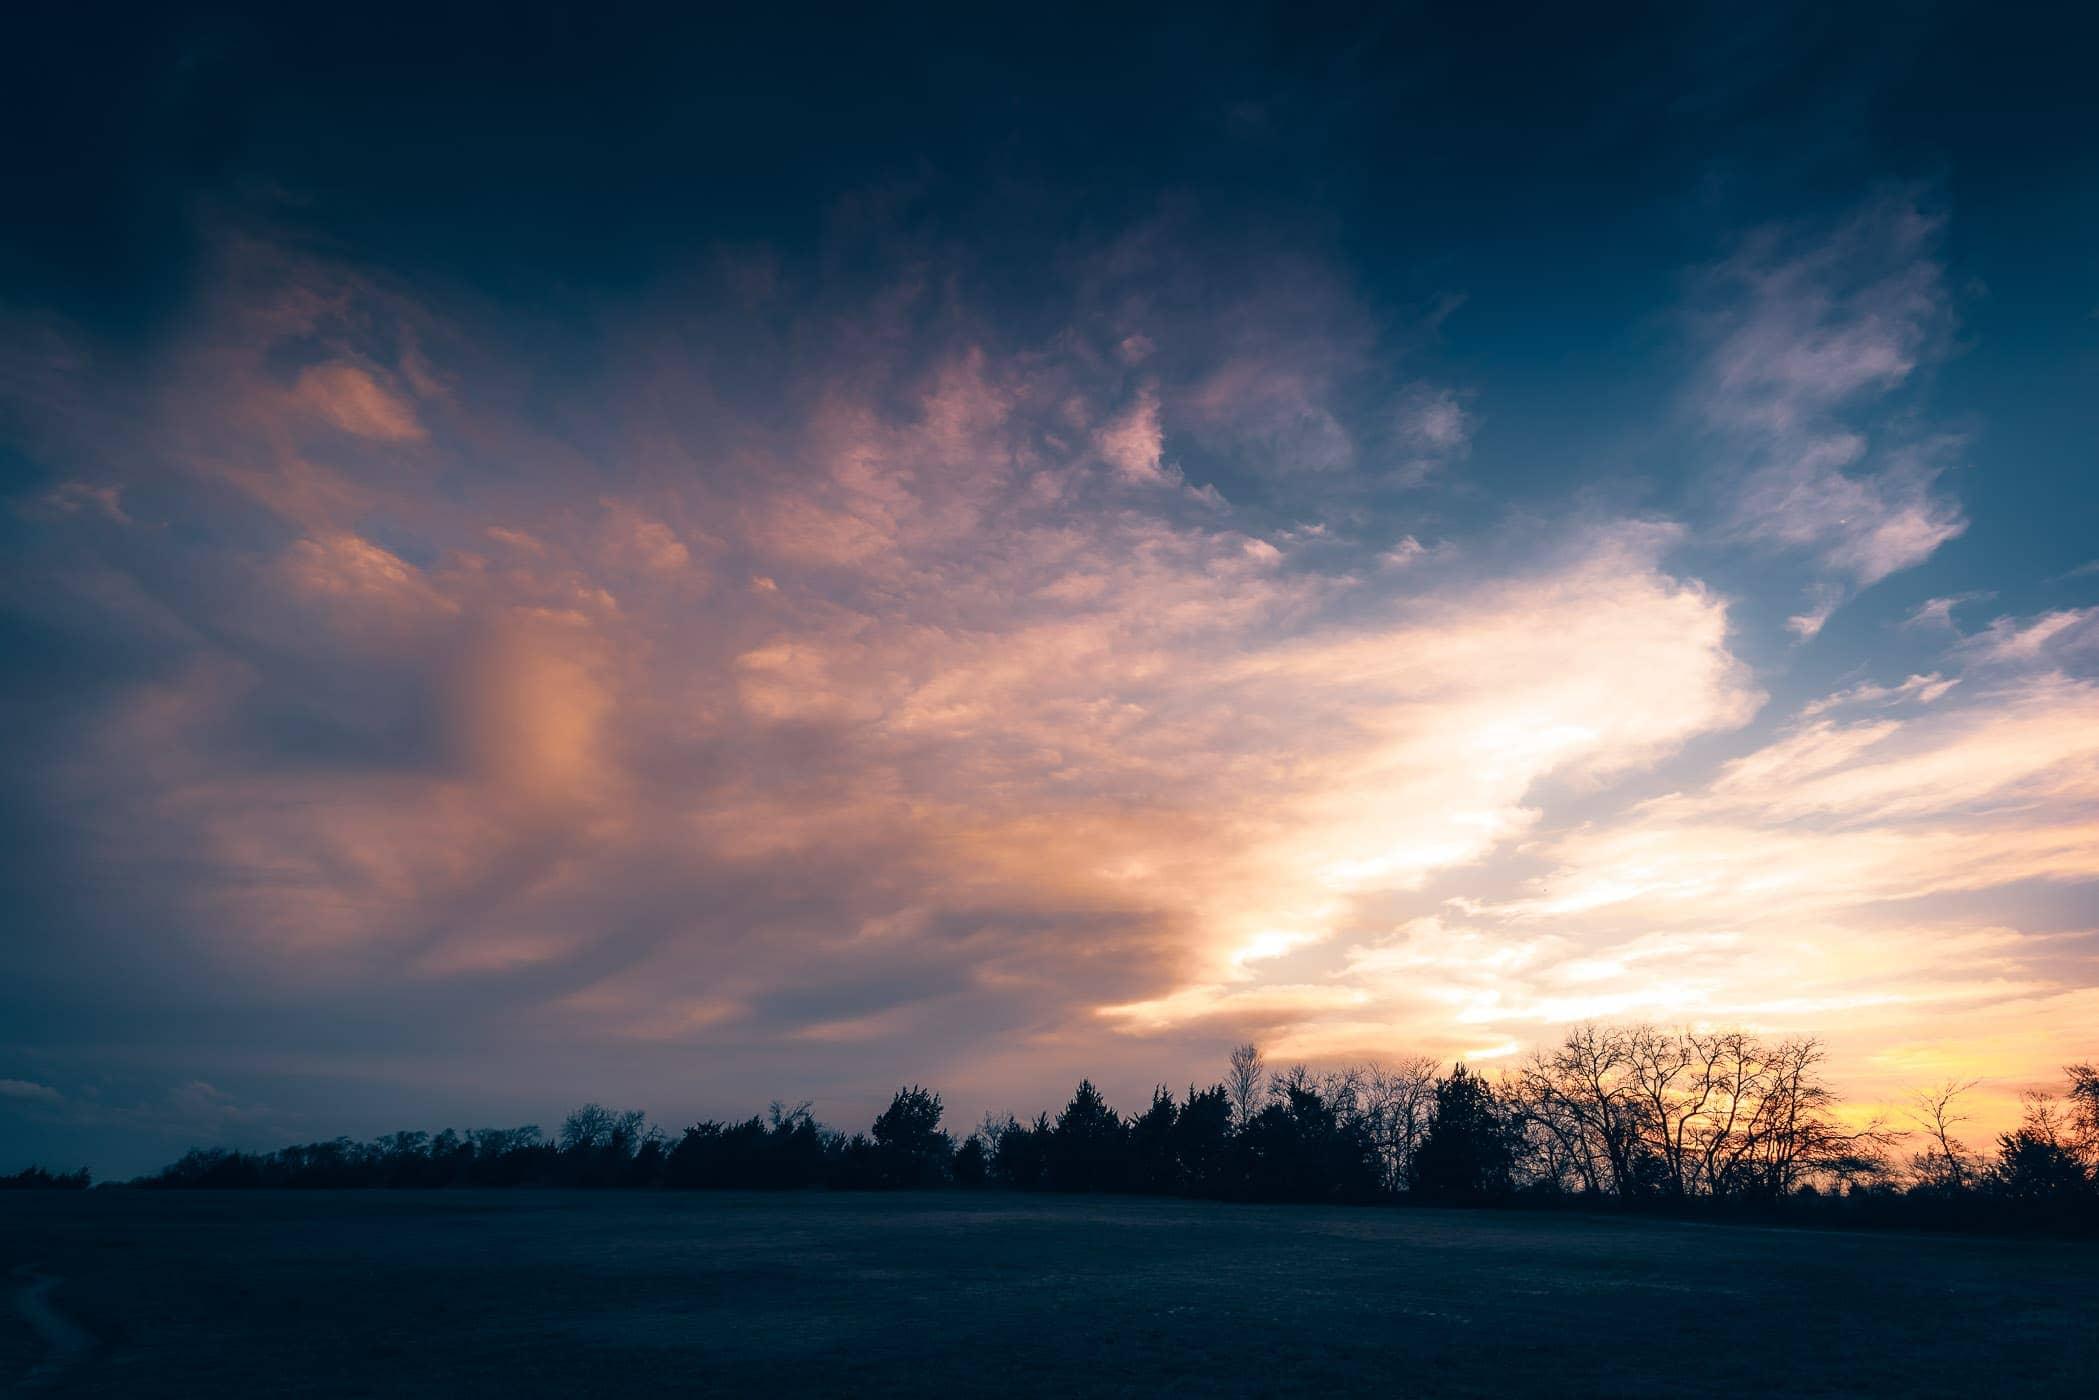 The sun sets over McKinney, Texas' Erwin Park.